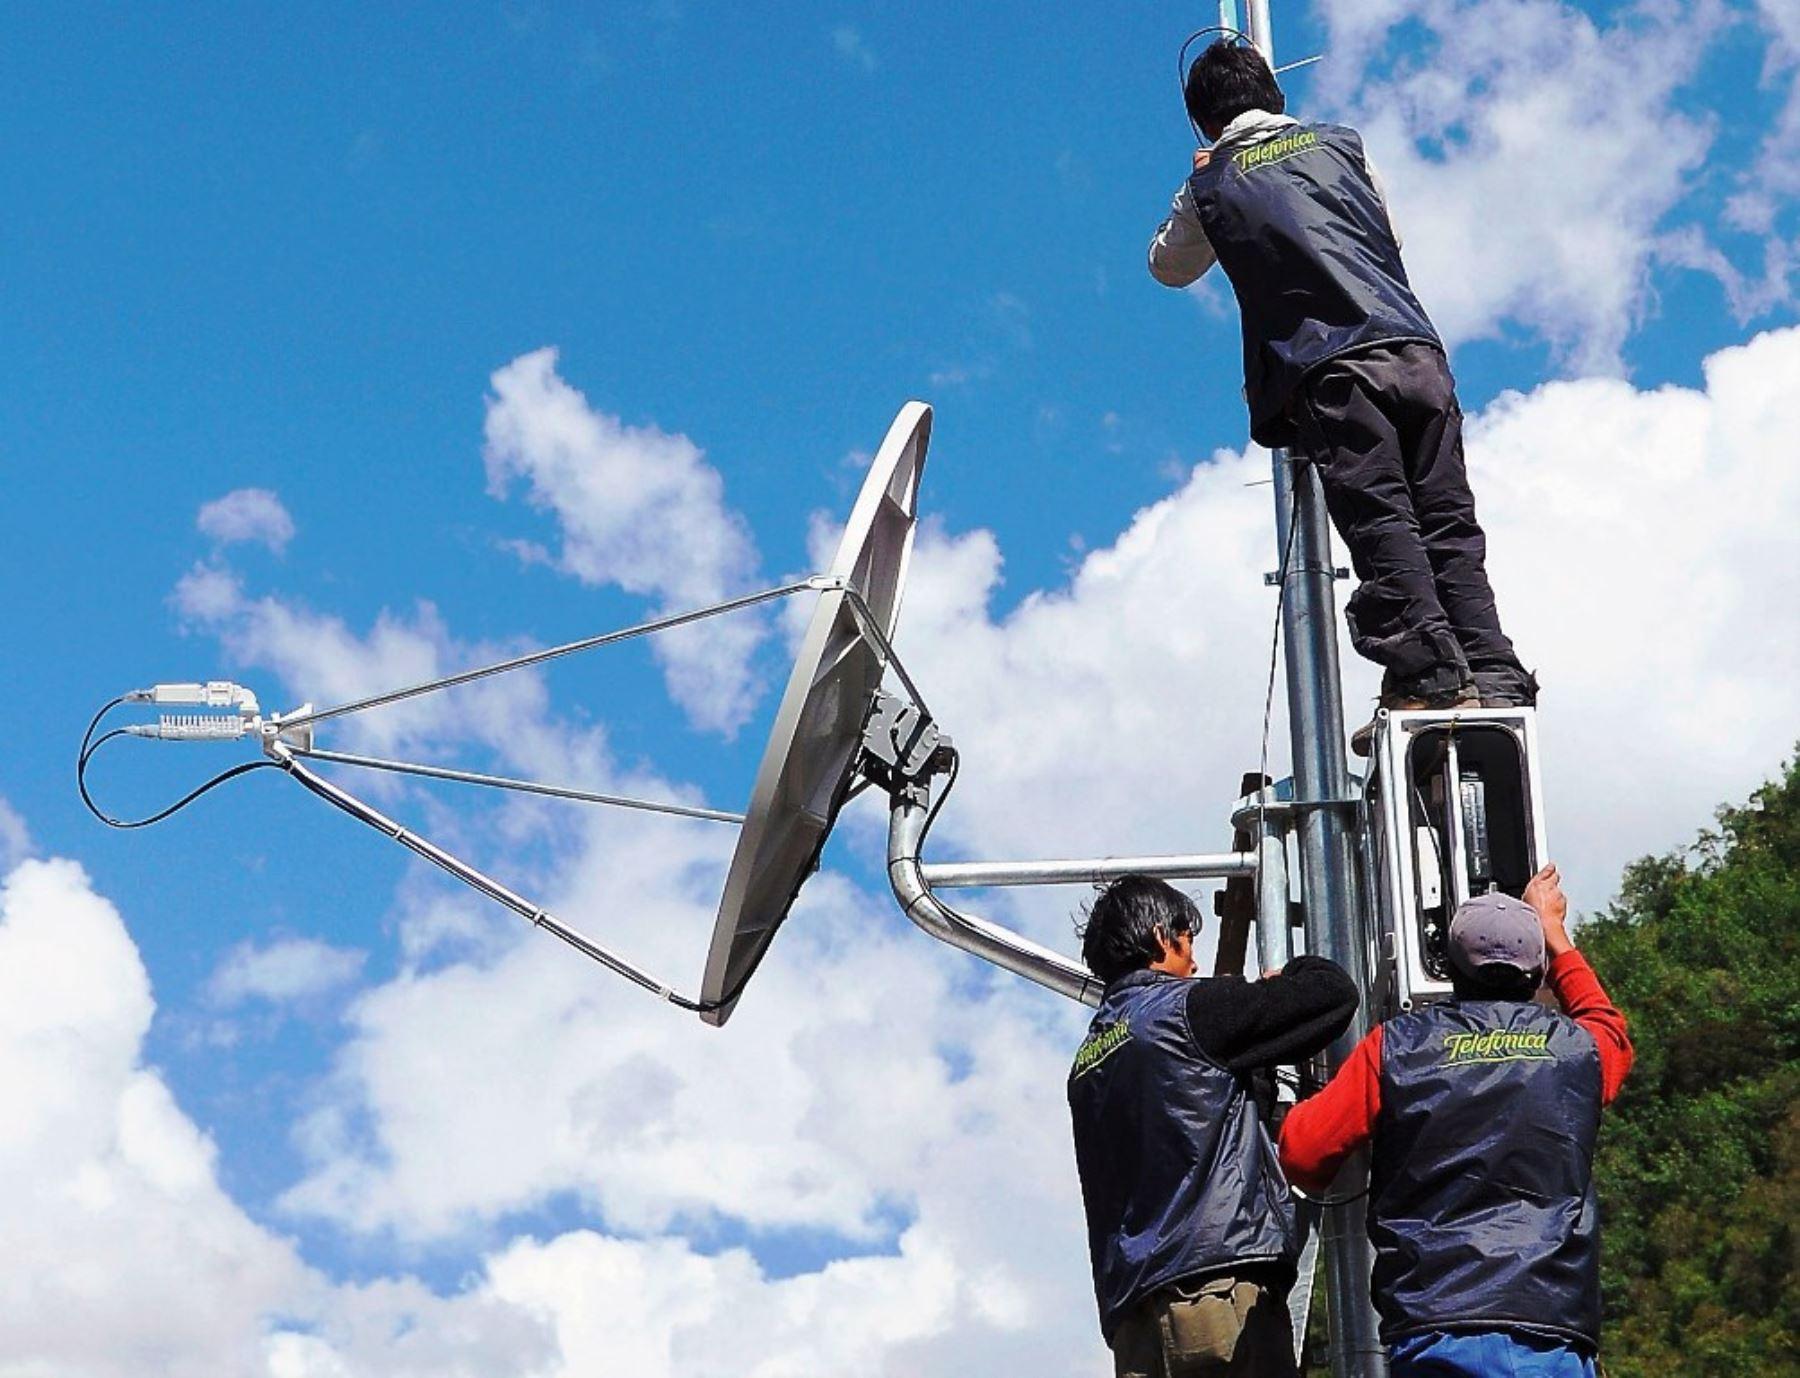 La conectividad en la región Junín se ha fortalecido con las acciones realizadas por el Ministerio de Transportes y Comunicaciones (MTC). Además, esta cartera concluyó el proceso de migración para que las televisoras de señal abierta ofrezcan la Televisión Digital Terrestre (TDT) en dicha región. ANDINA/Difusión